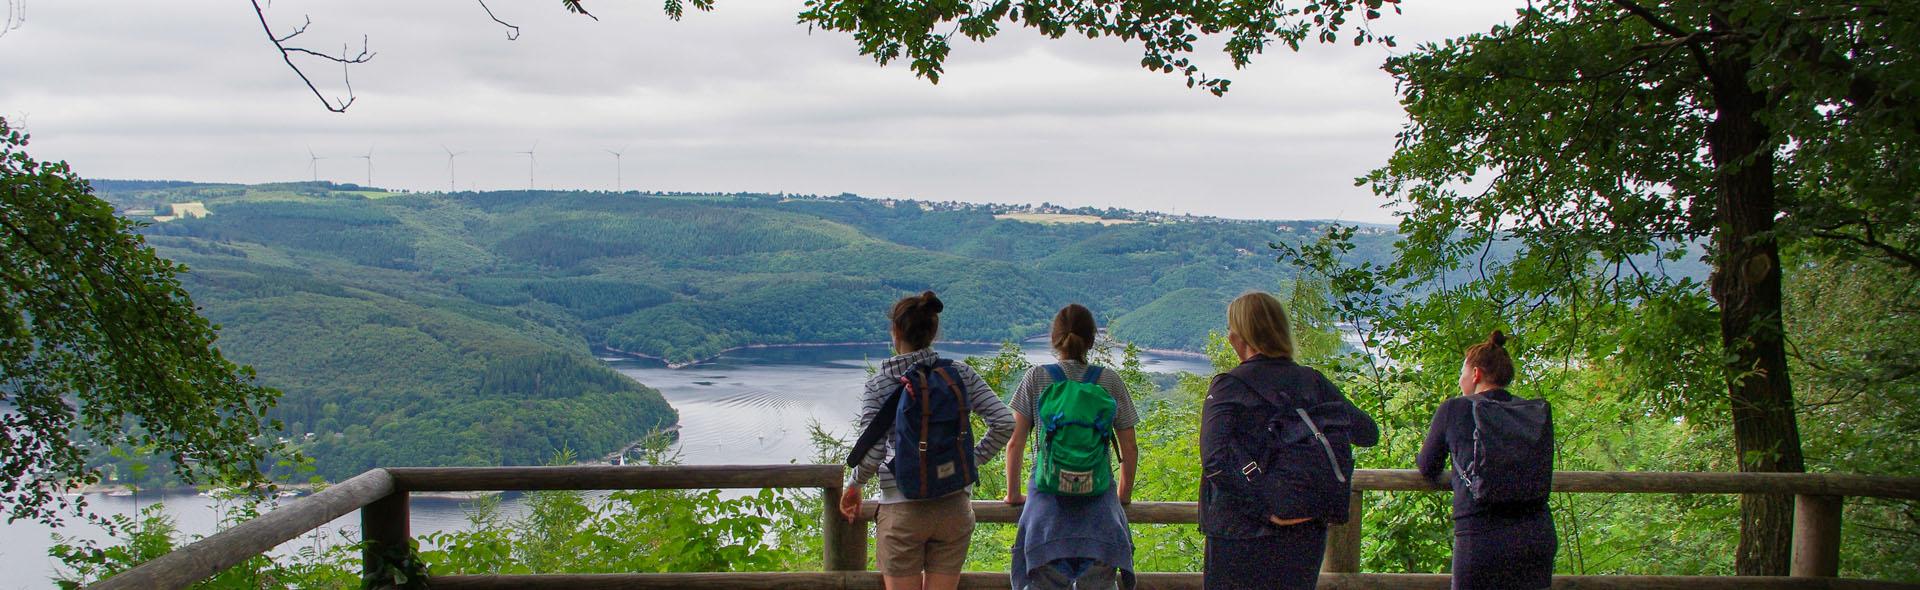 Der Wilde Weg in der Eifel